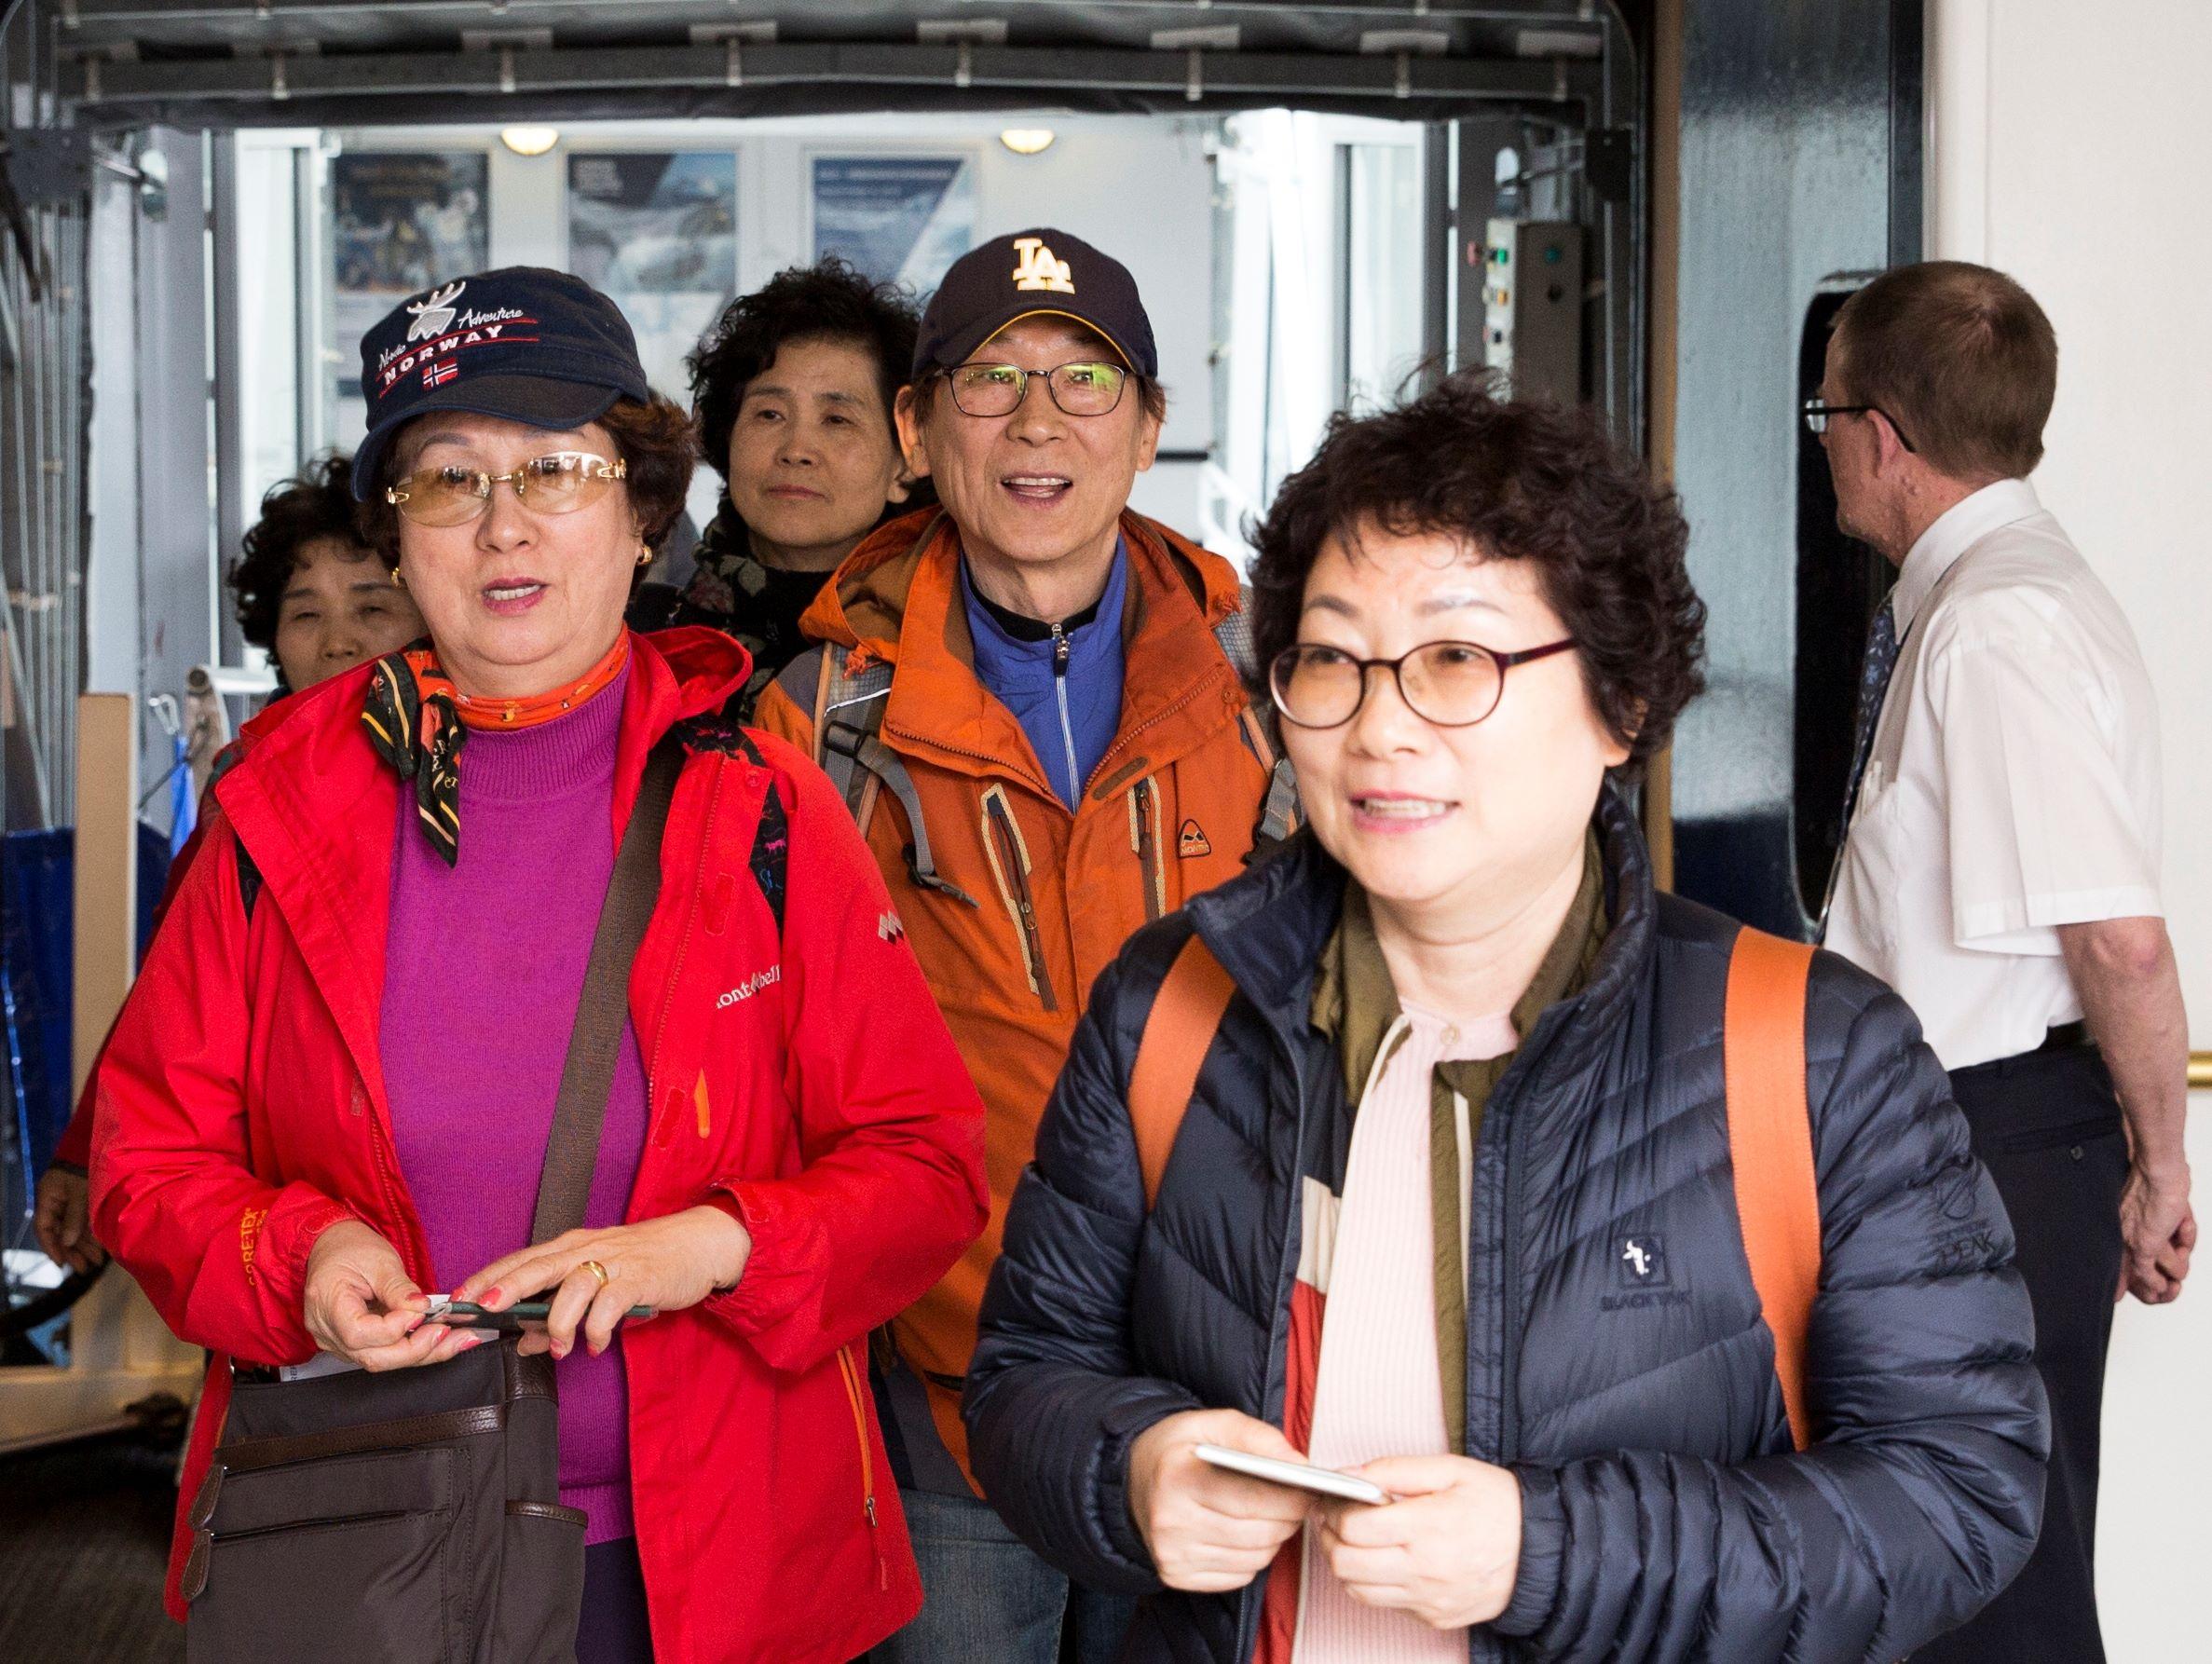 På nogle afgange i højsæsonen har DFDS mellem København og Oslo op til 80 procent gæster fra Asien. Her går asiatiske passagerer ombord på et af DFDS' skibe på den store rute. Foto: DFDS.